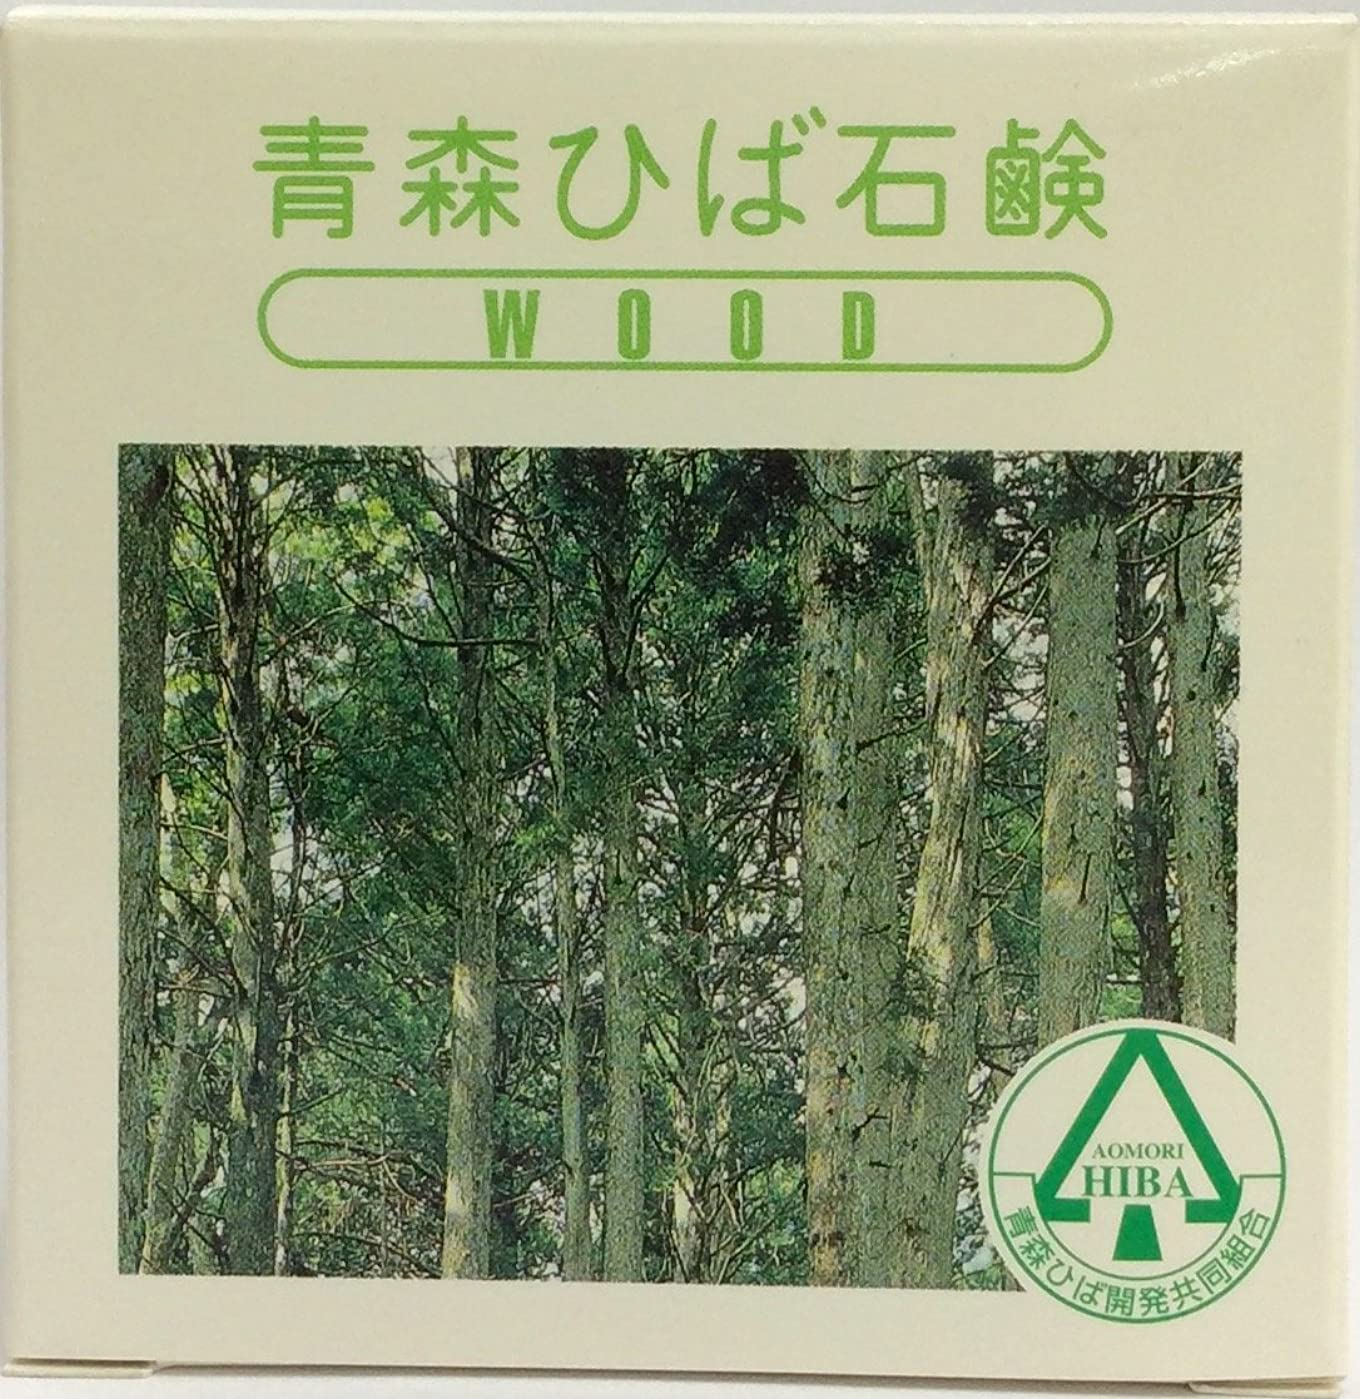 注意続編恐怖症青森ひば石鹸 WOOD 95g クラウンウッド(Y)